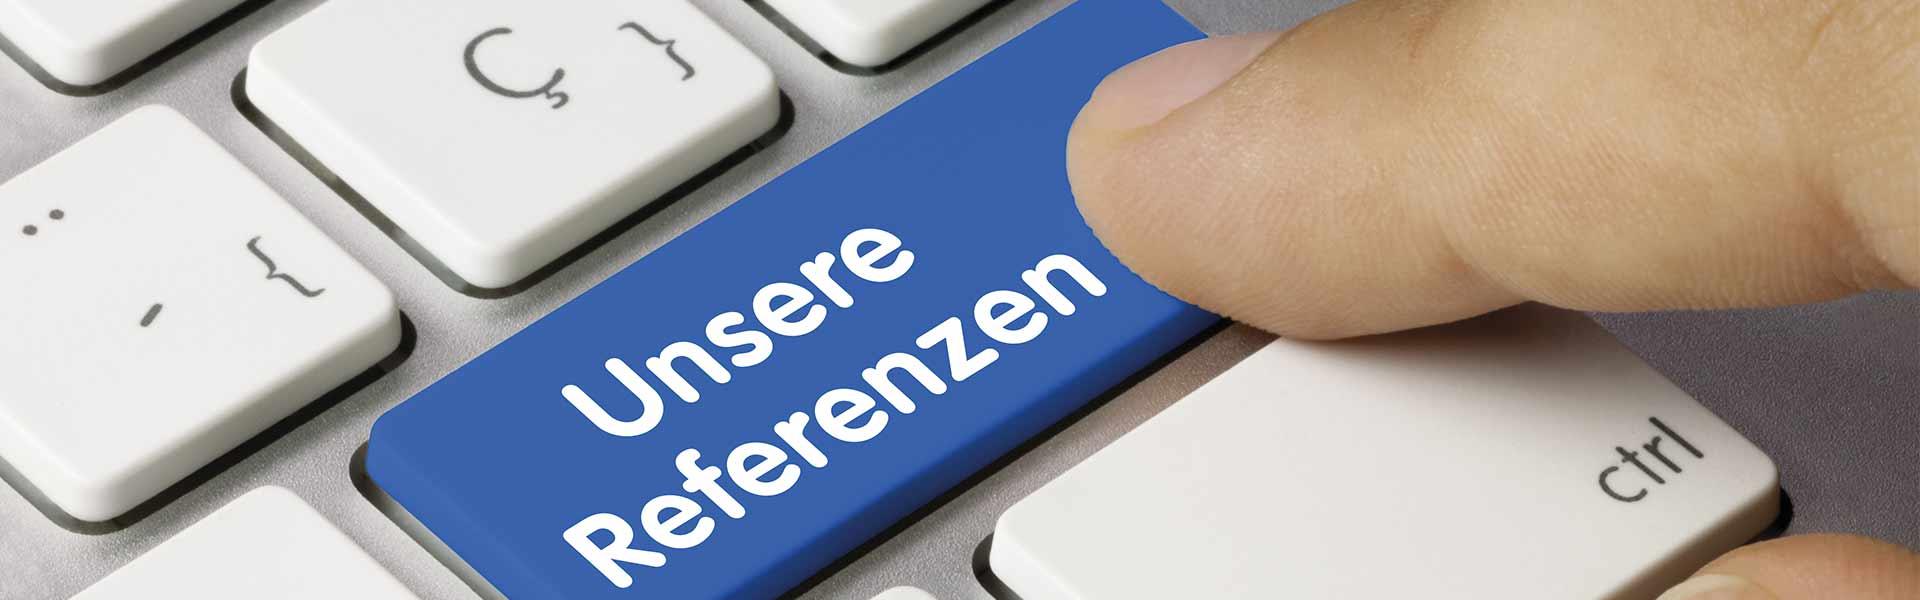 Referenzen Holzbauer GmbH Waldkirchen